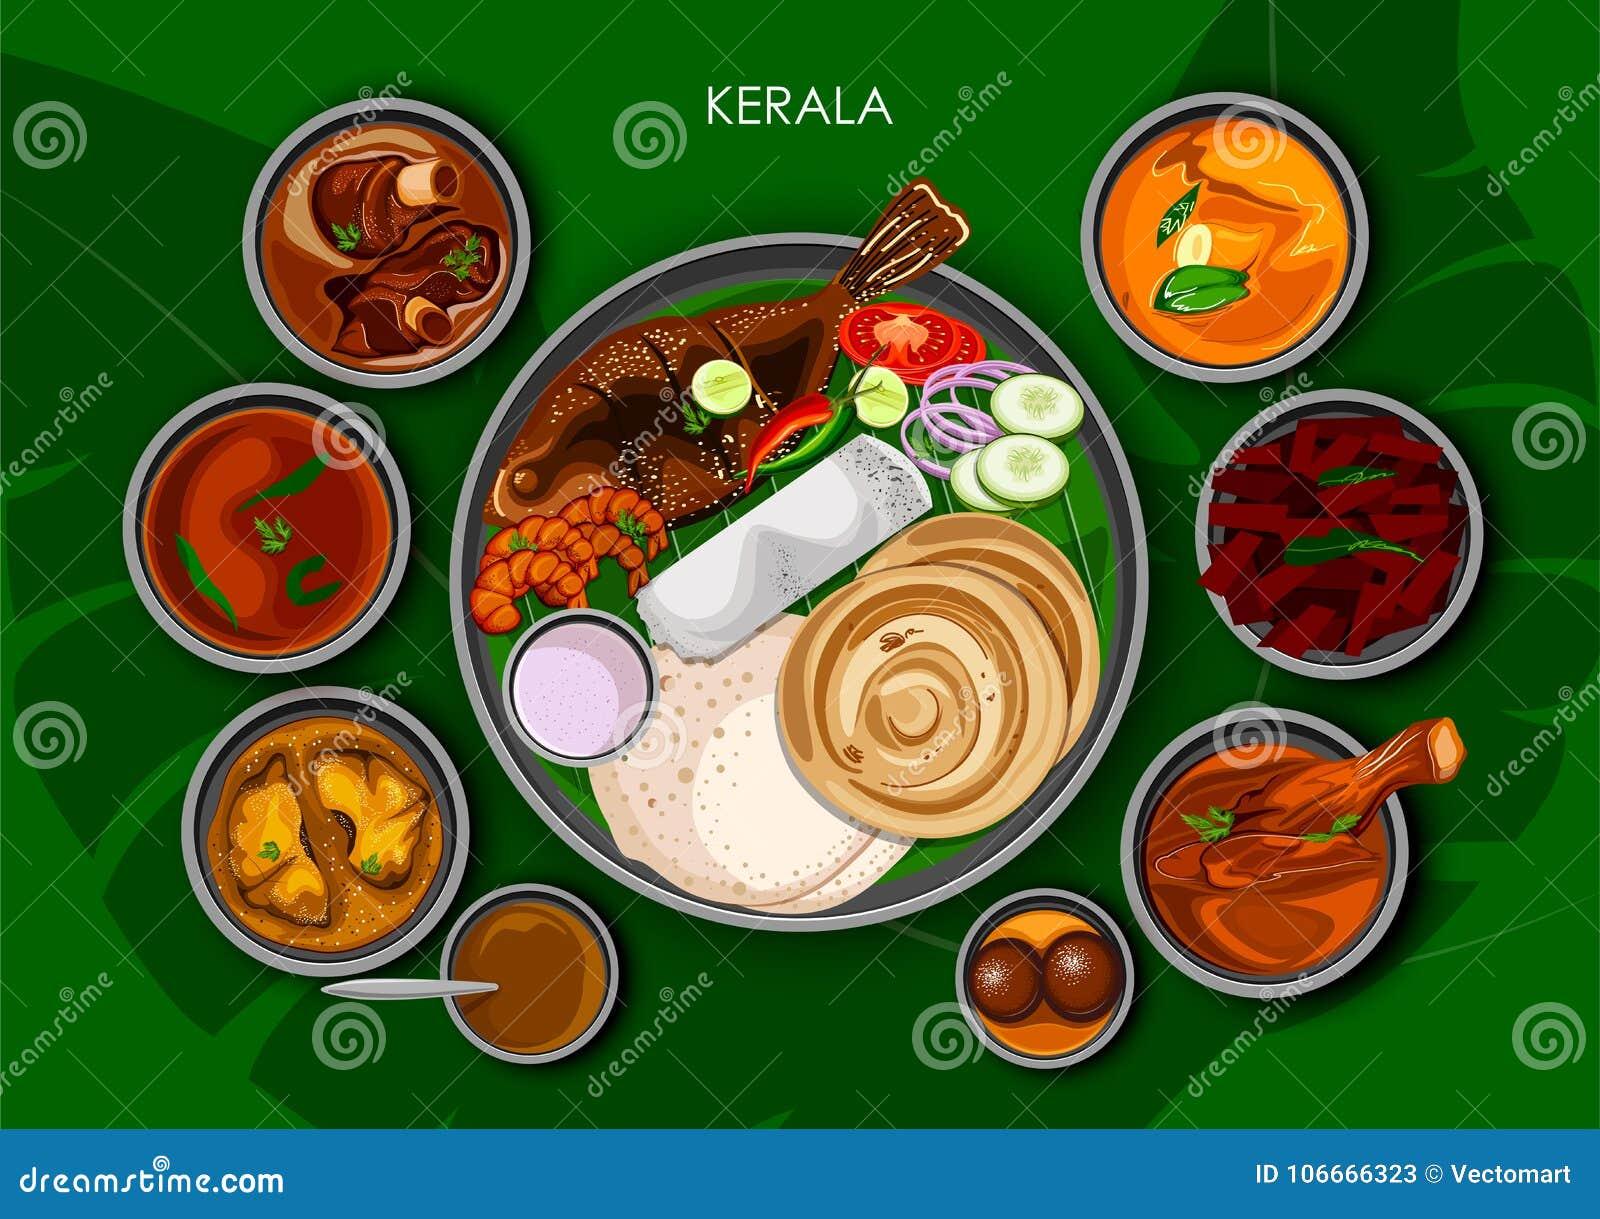 Traditionell thali för Keralite kokkonst- och matmål av Kerala